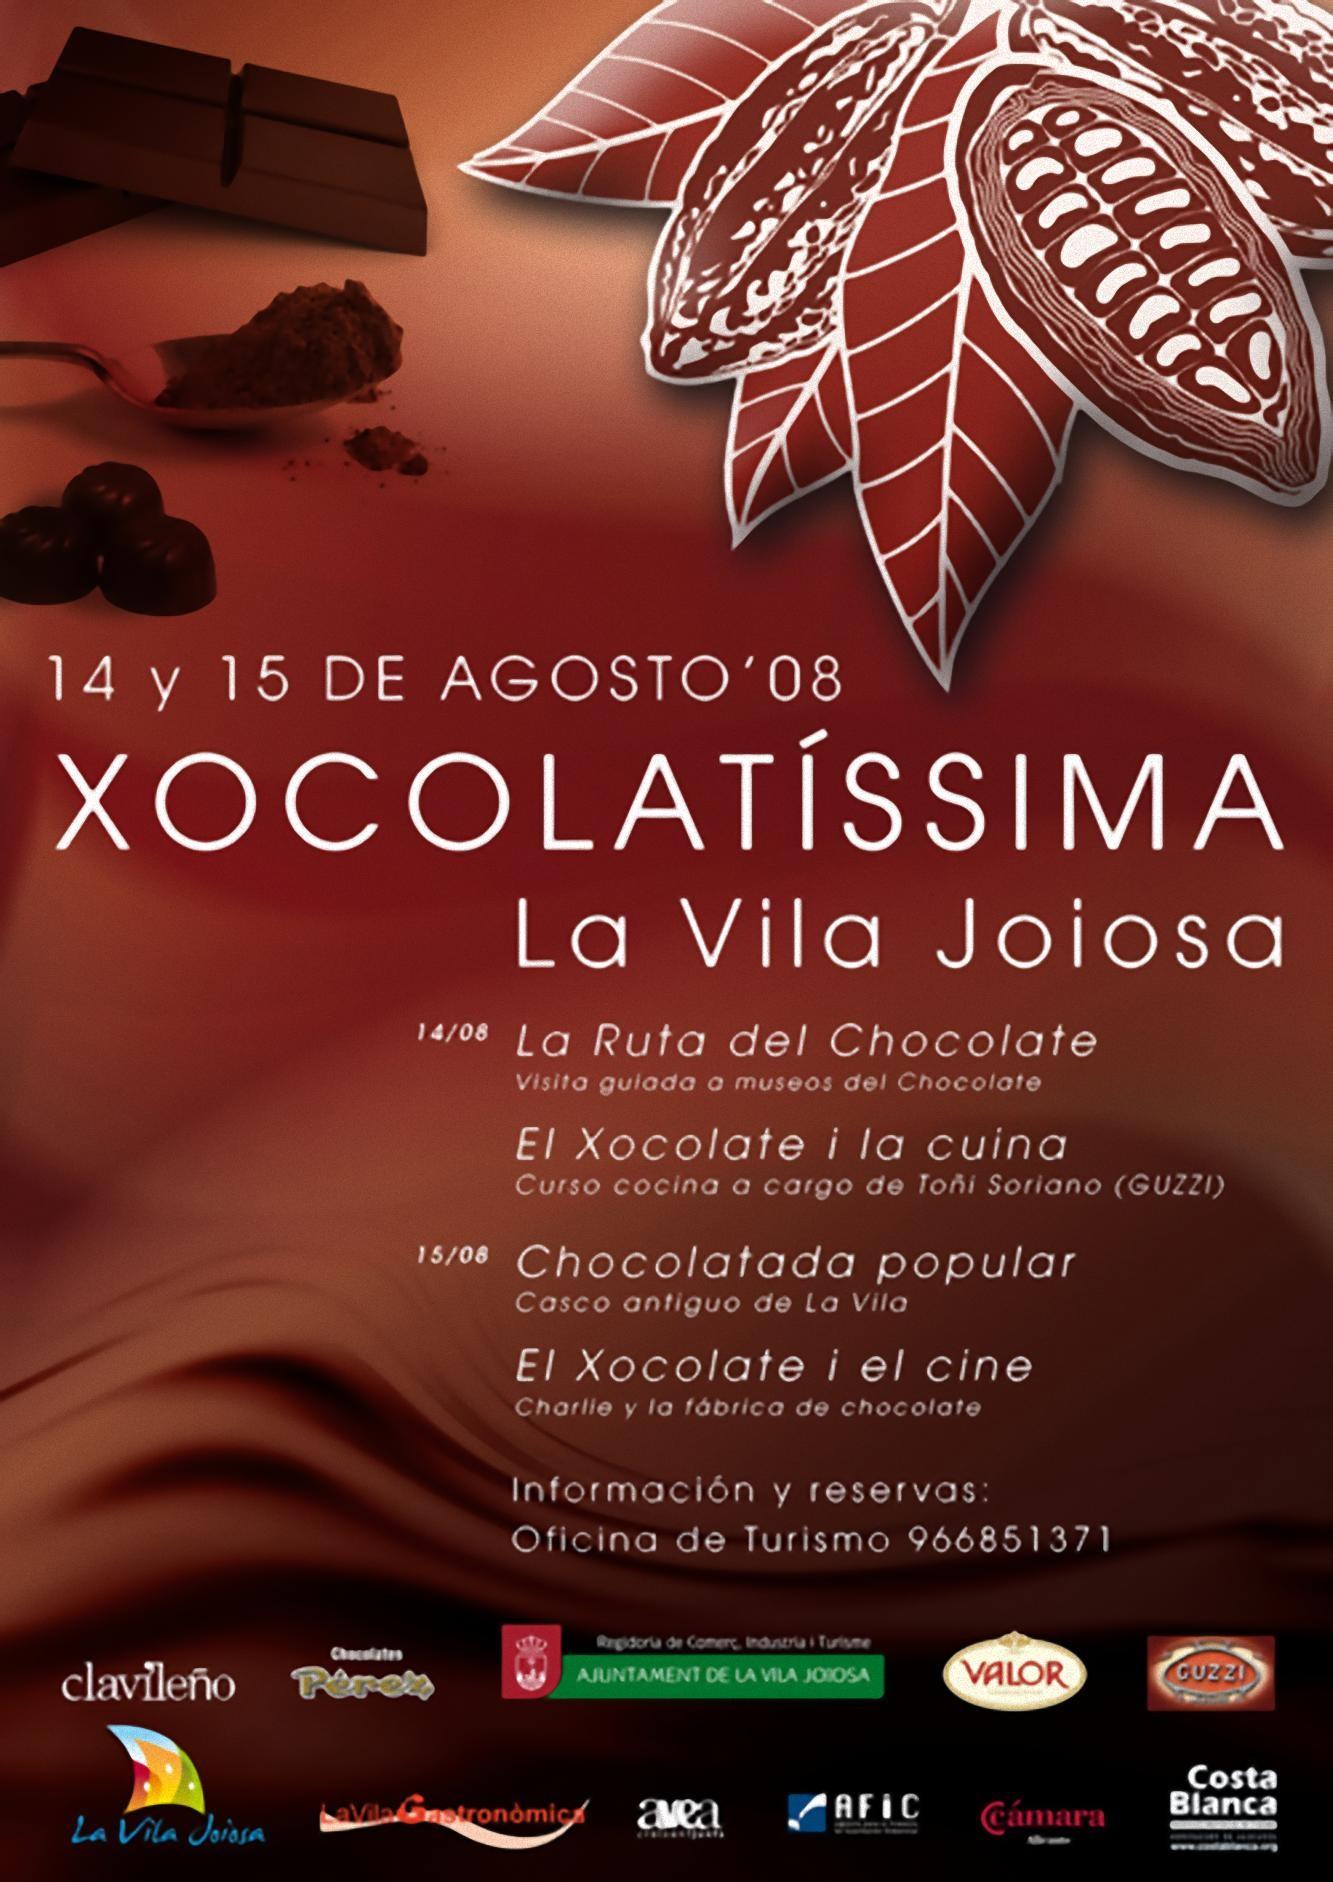 Feria del chocolate: Xocolatíssima 2008